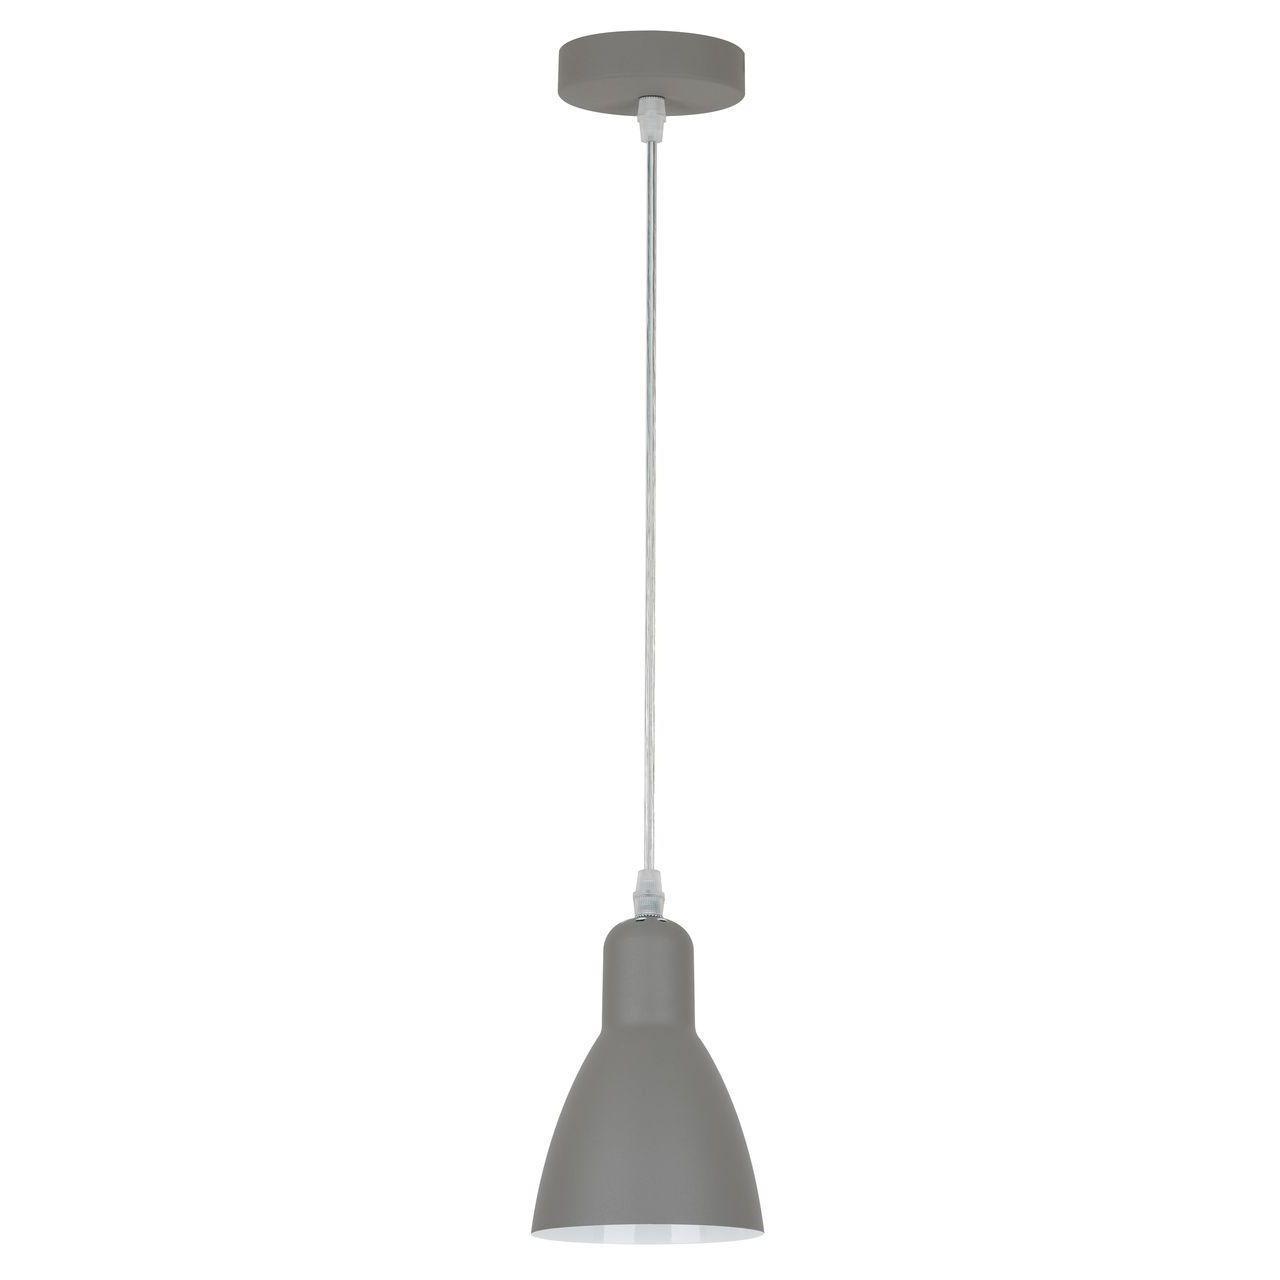 Подвесной светильник Arte Lamp Mercoled A5049SP-1GY светильник спот arte lamp mercoled a5049ap 1gy